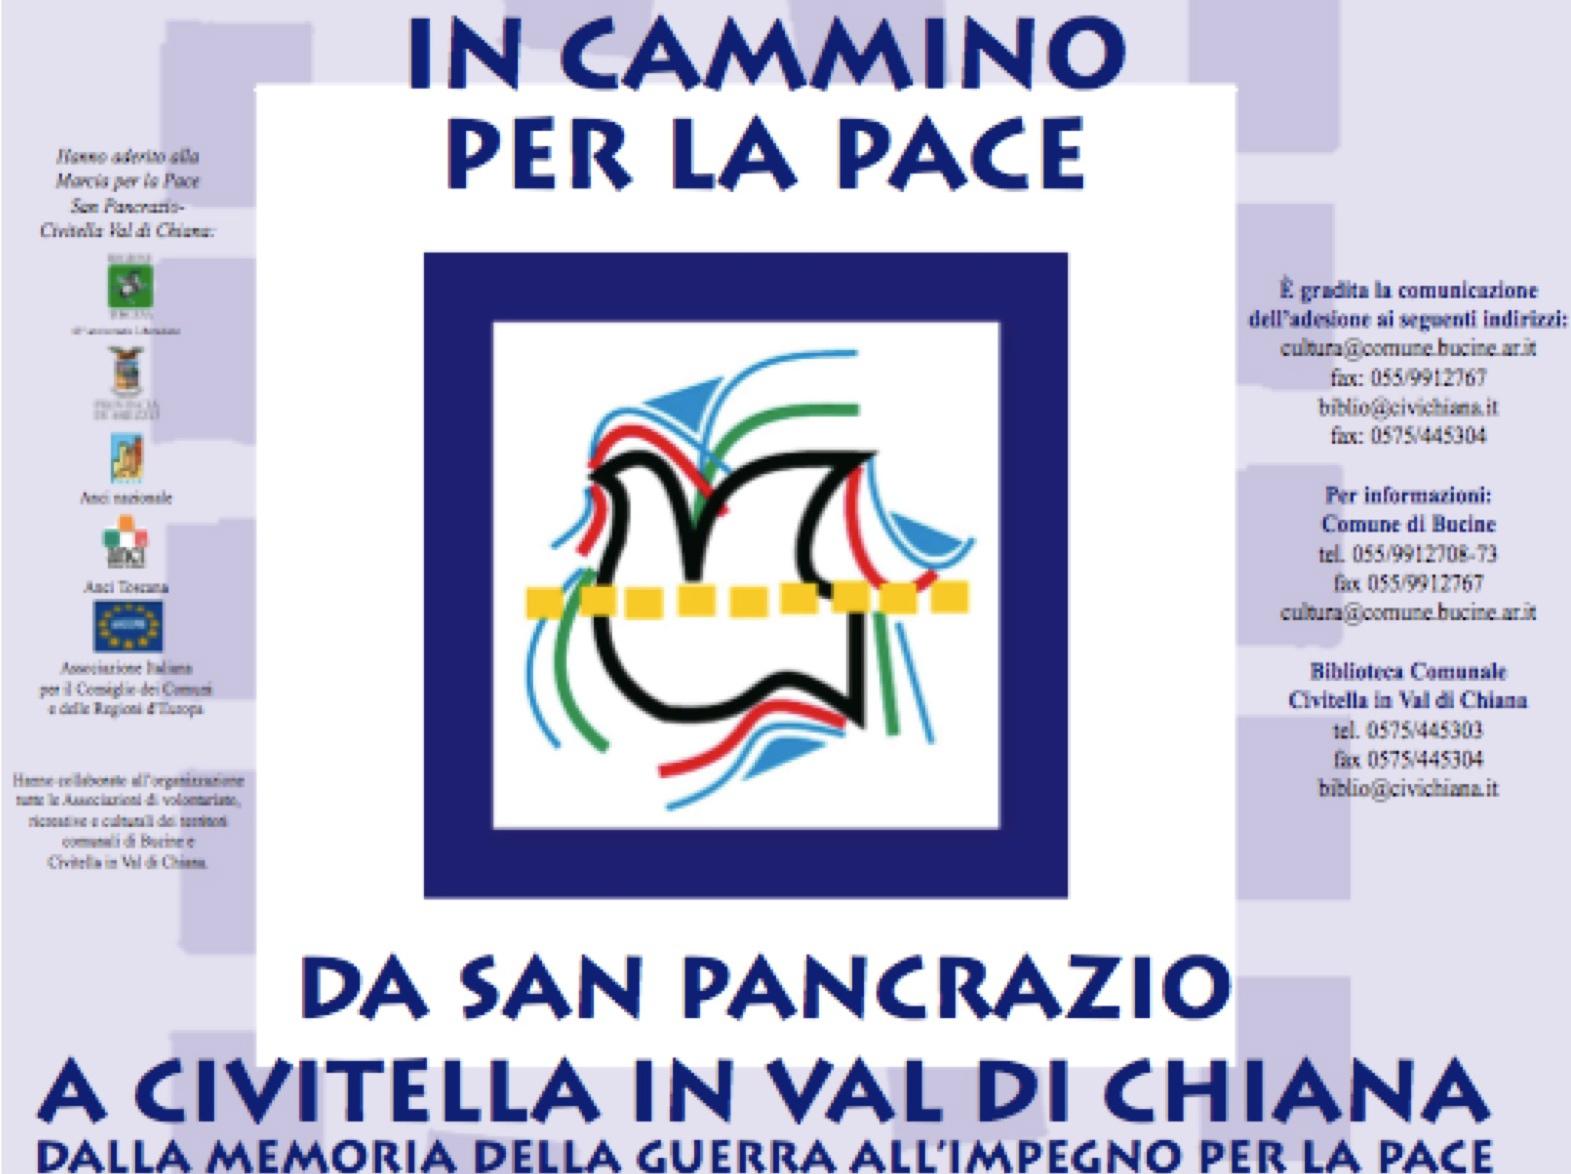 Oggi in cammino per la pace da San Pancrazio a Civitella in Val di Chiana